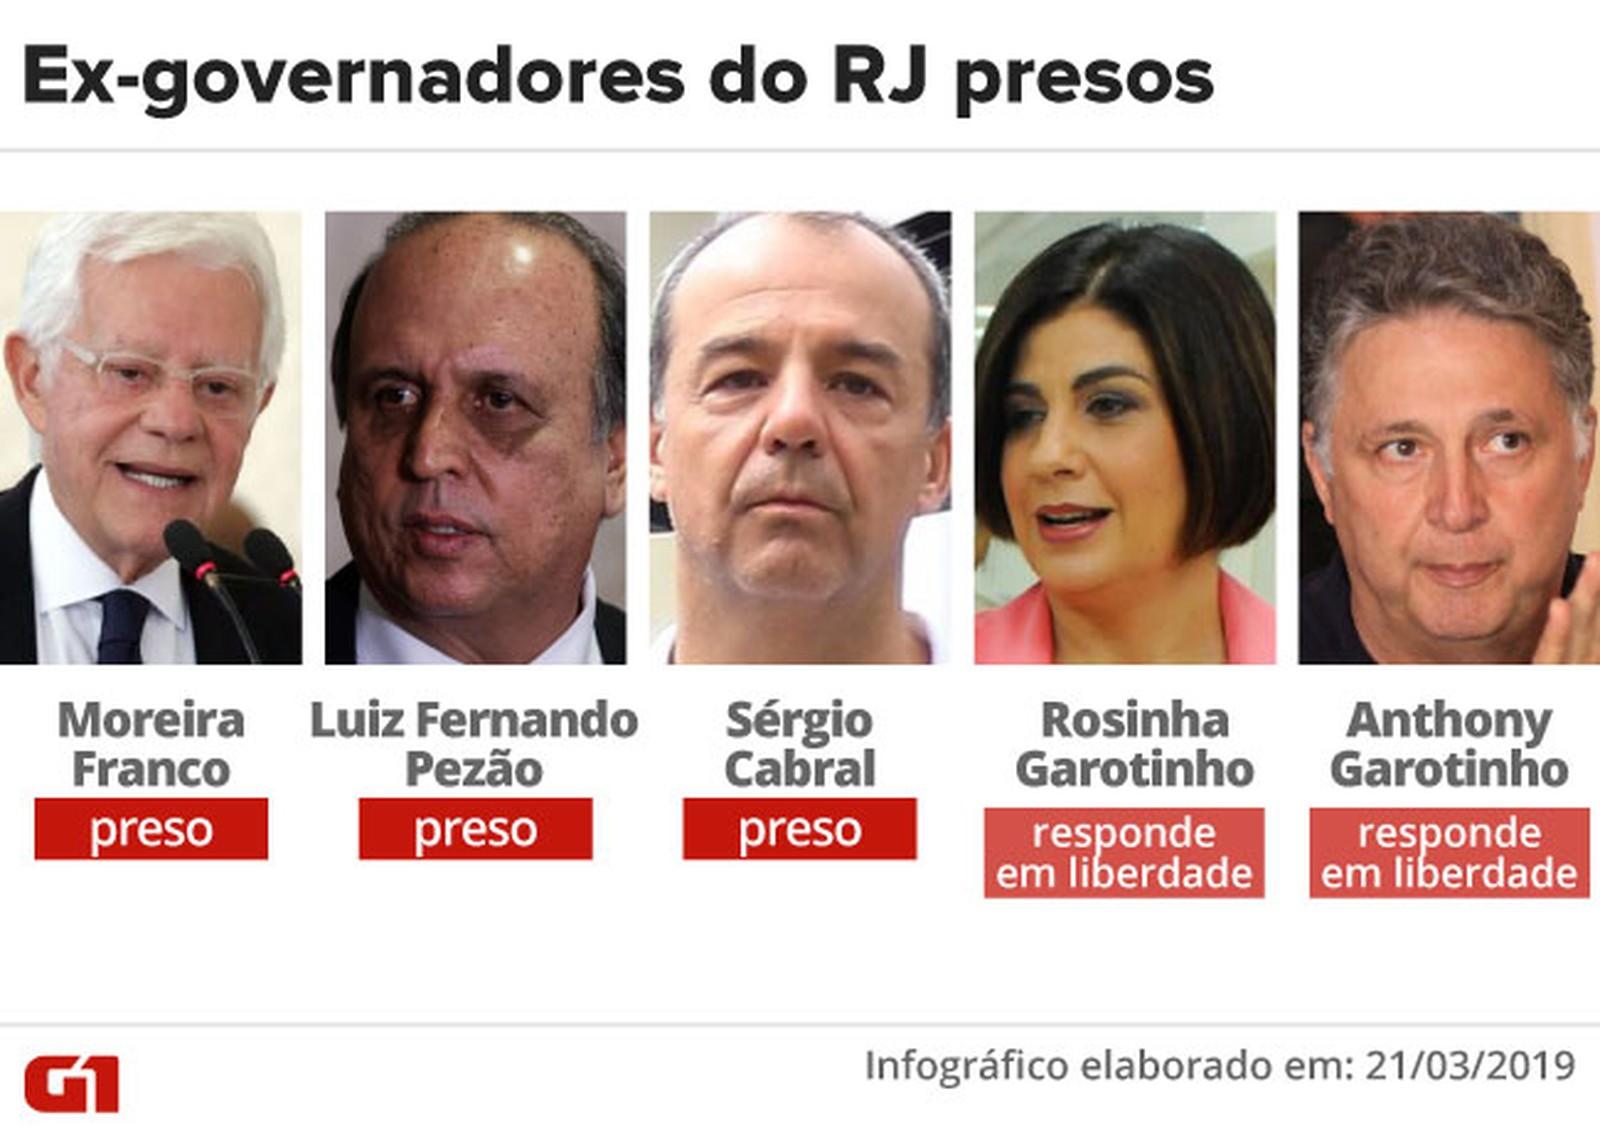 Com Moreira Franco, RJ tem seu 5º ex-governador preso em 3 anos